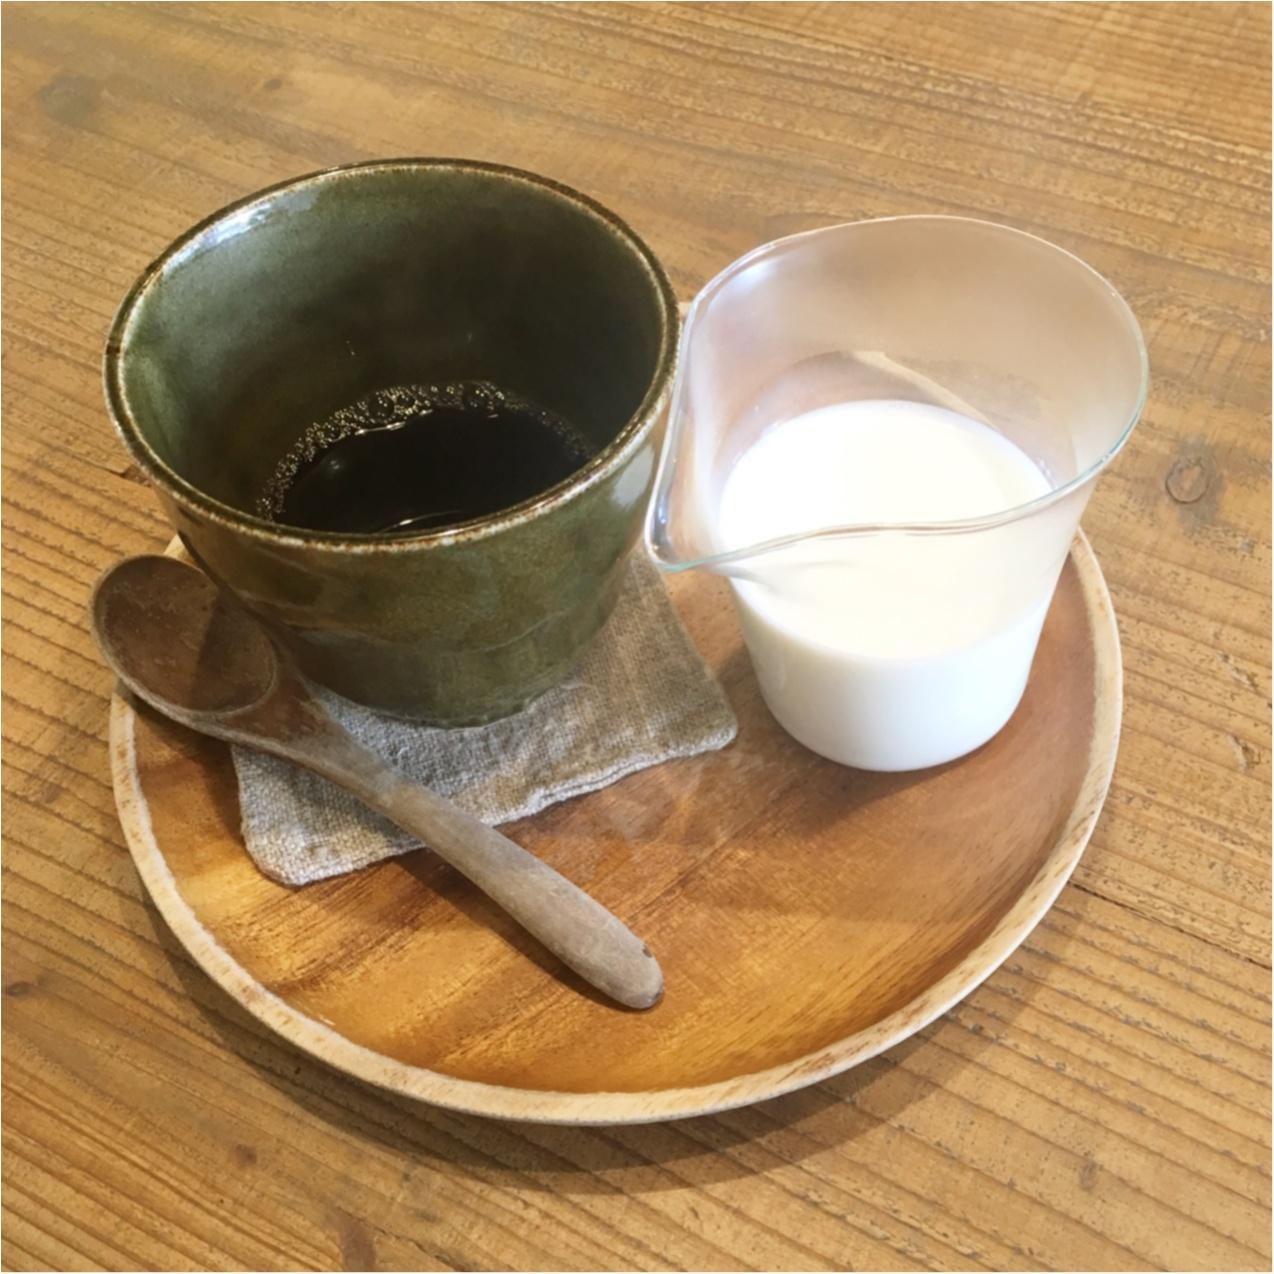 一日の始まり ♪ ナチュラルカフェでほっこり朝ごはん♡_6